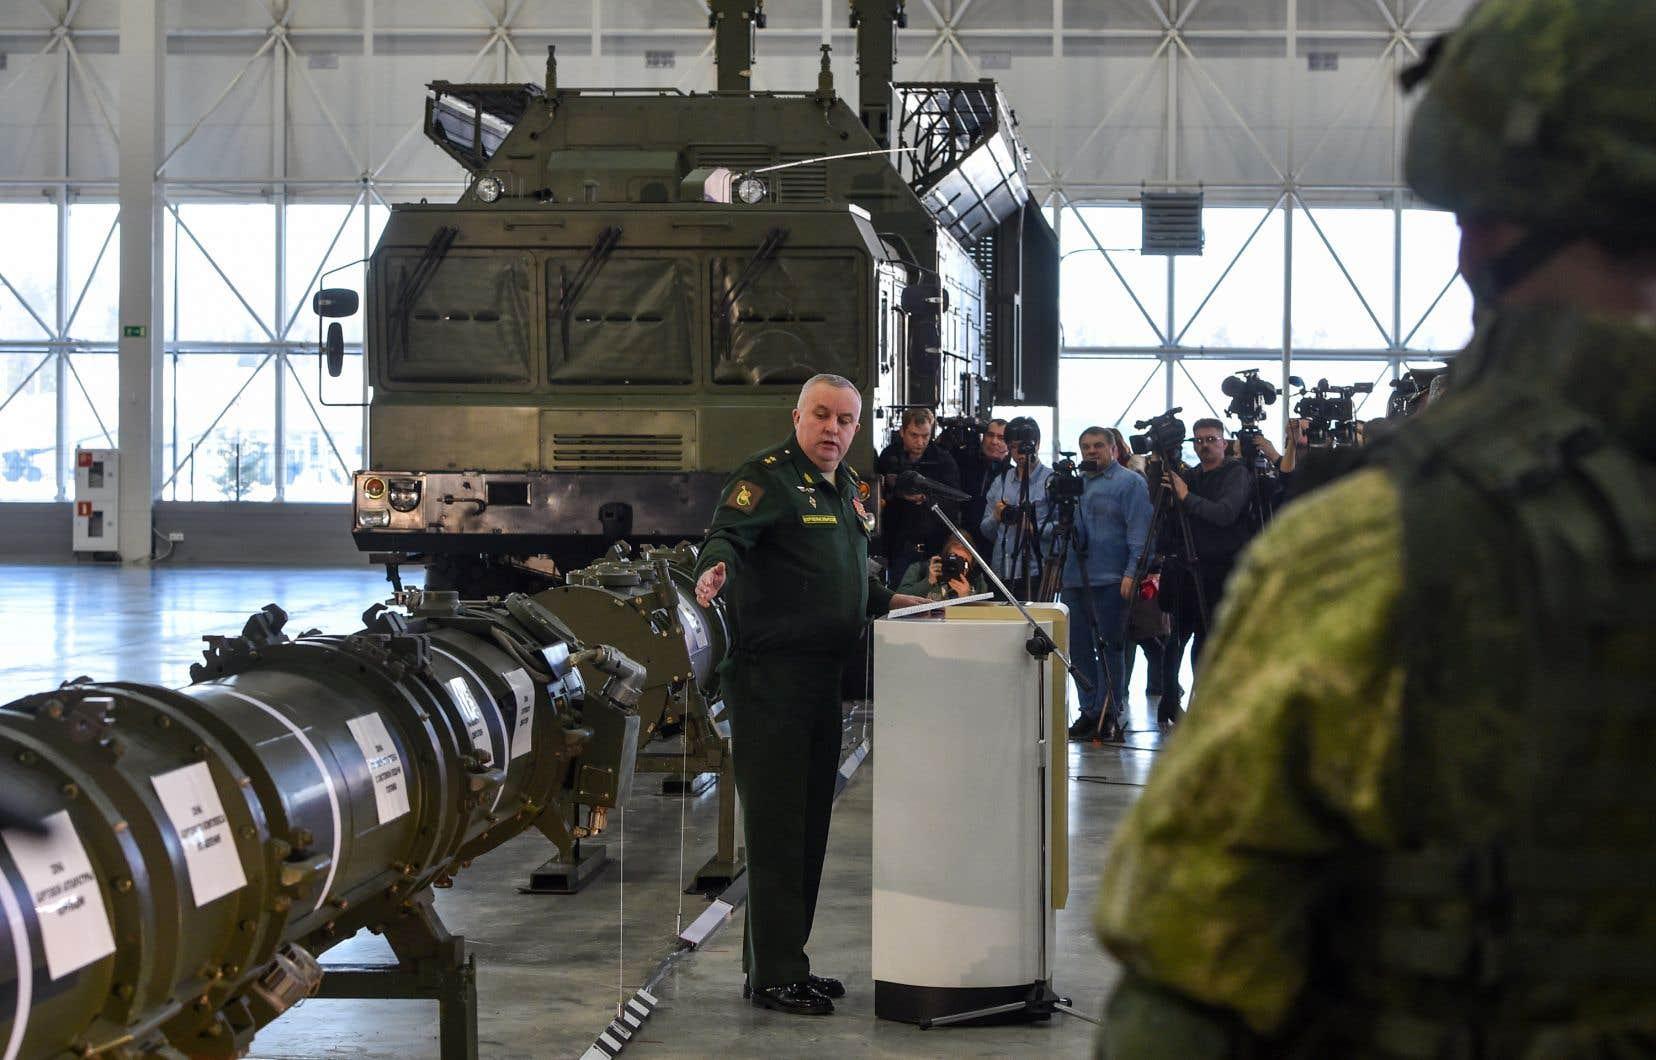 Vladimir Poutine a menacé d'adapter des engins de portée intermédiaire jusqu'alors déployés en mer ou dans les airs pour qu'ils puissent être tirés à partir du sol.